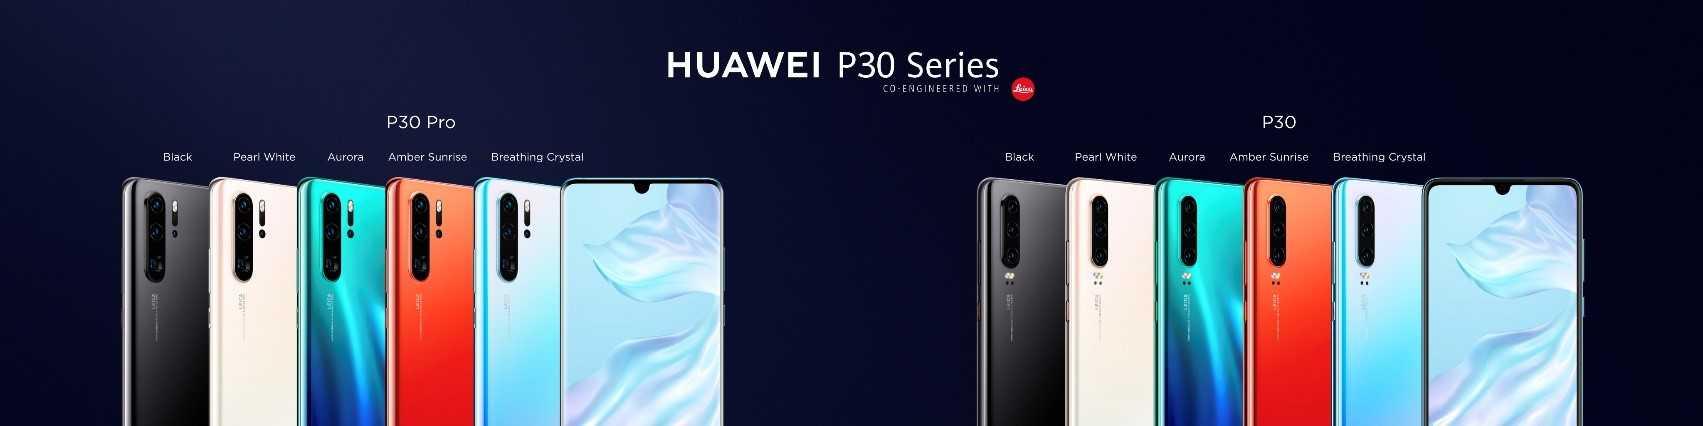 Huawei выпускает «умные очки», которые сделают бесполезными беспроводные наушники - cnews